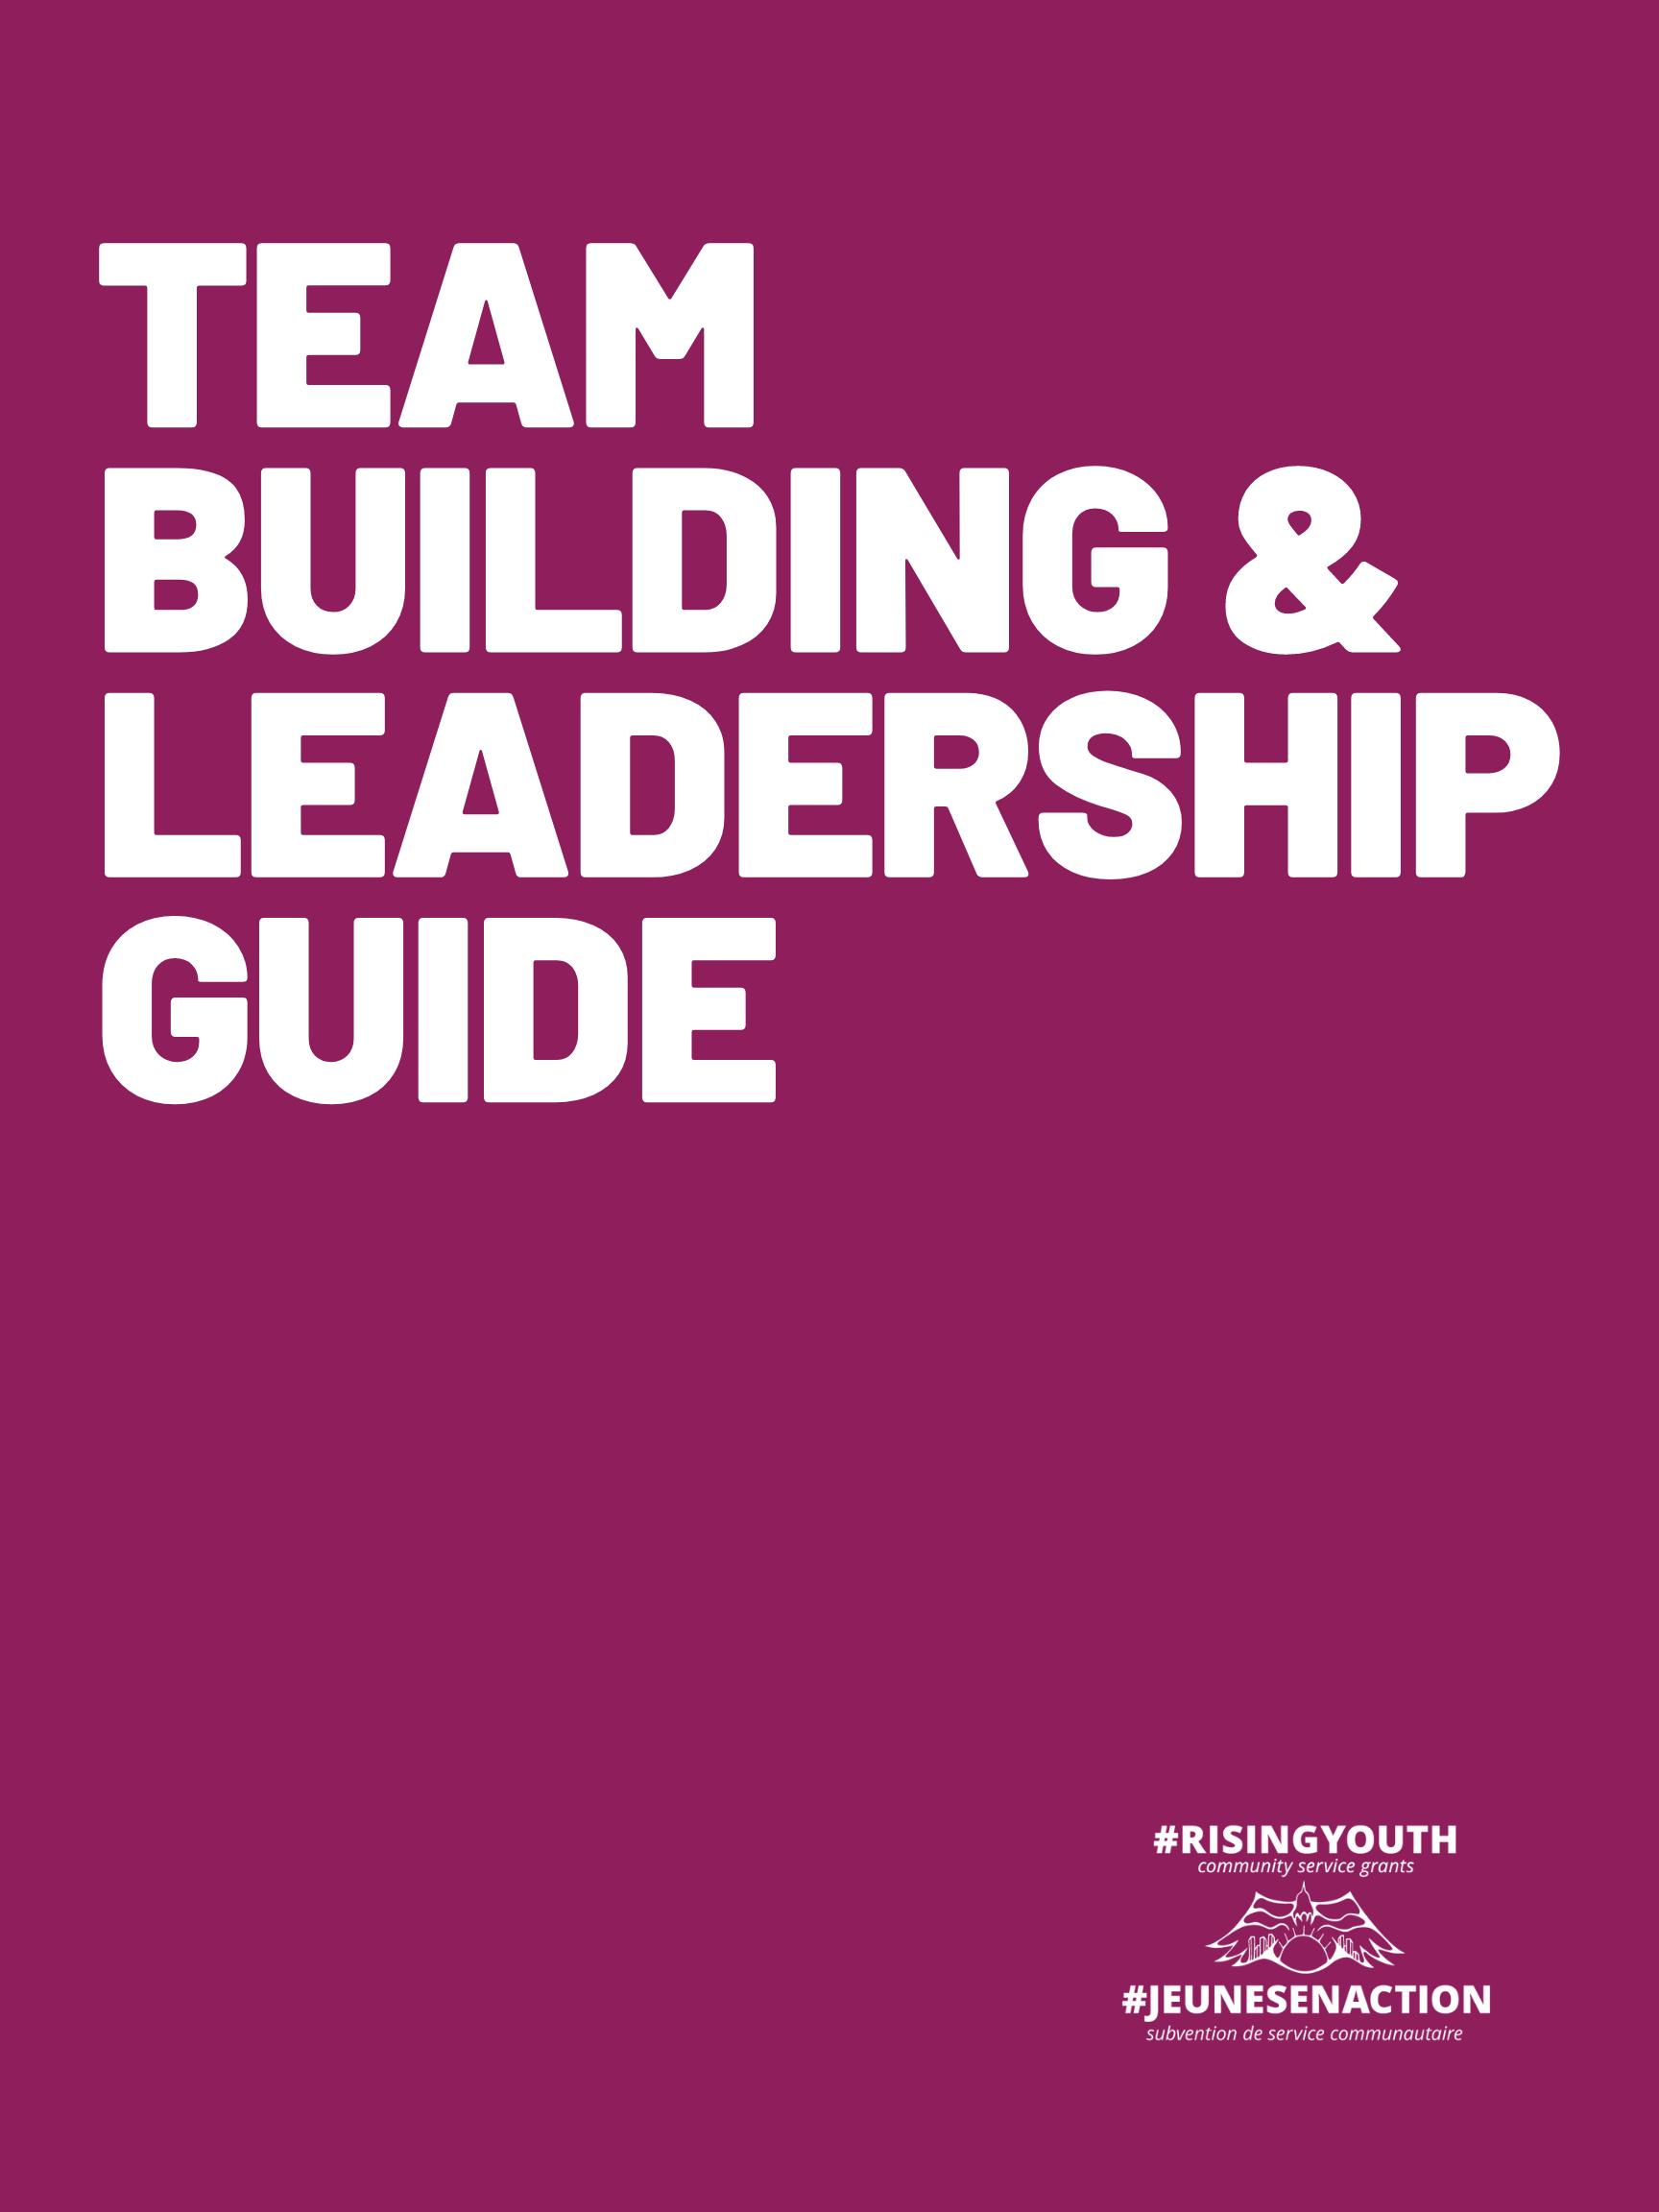 Team Building & Leadership Guide